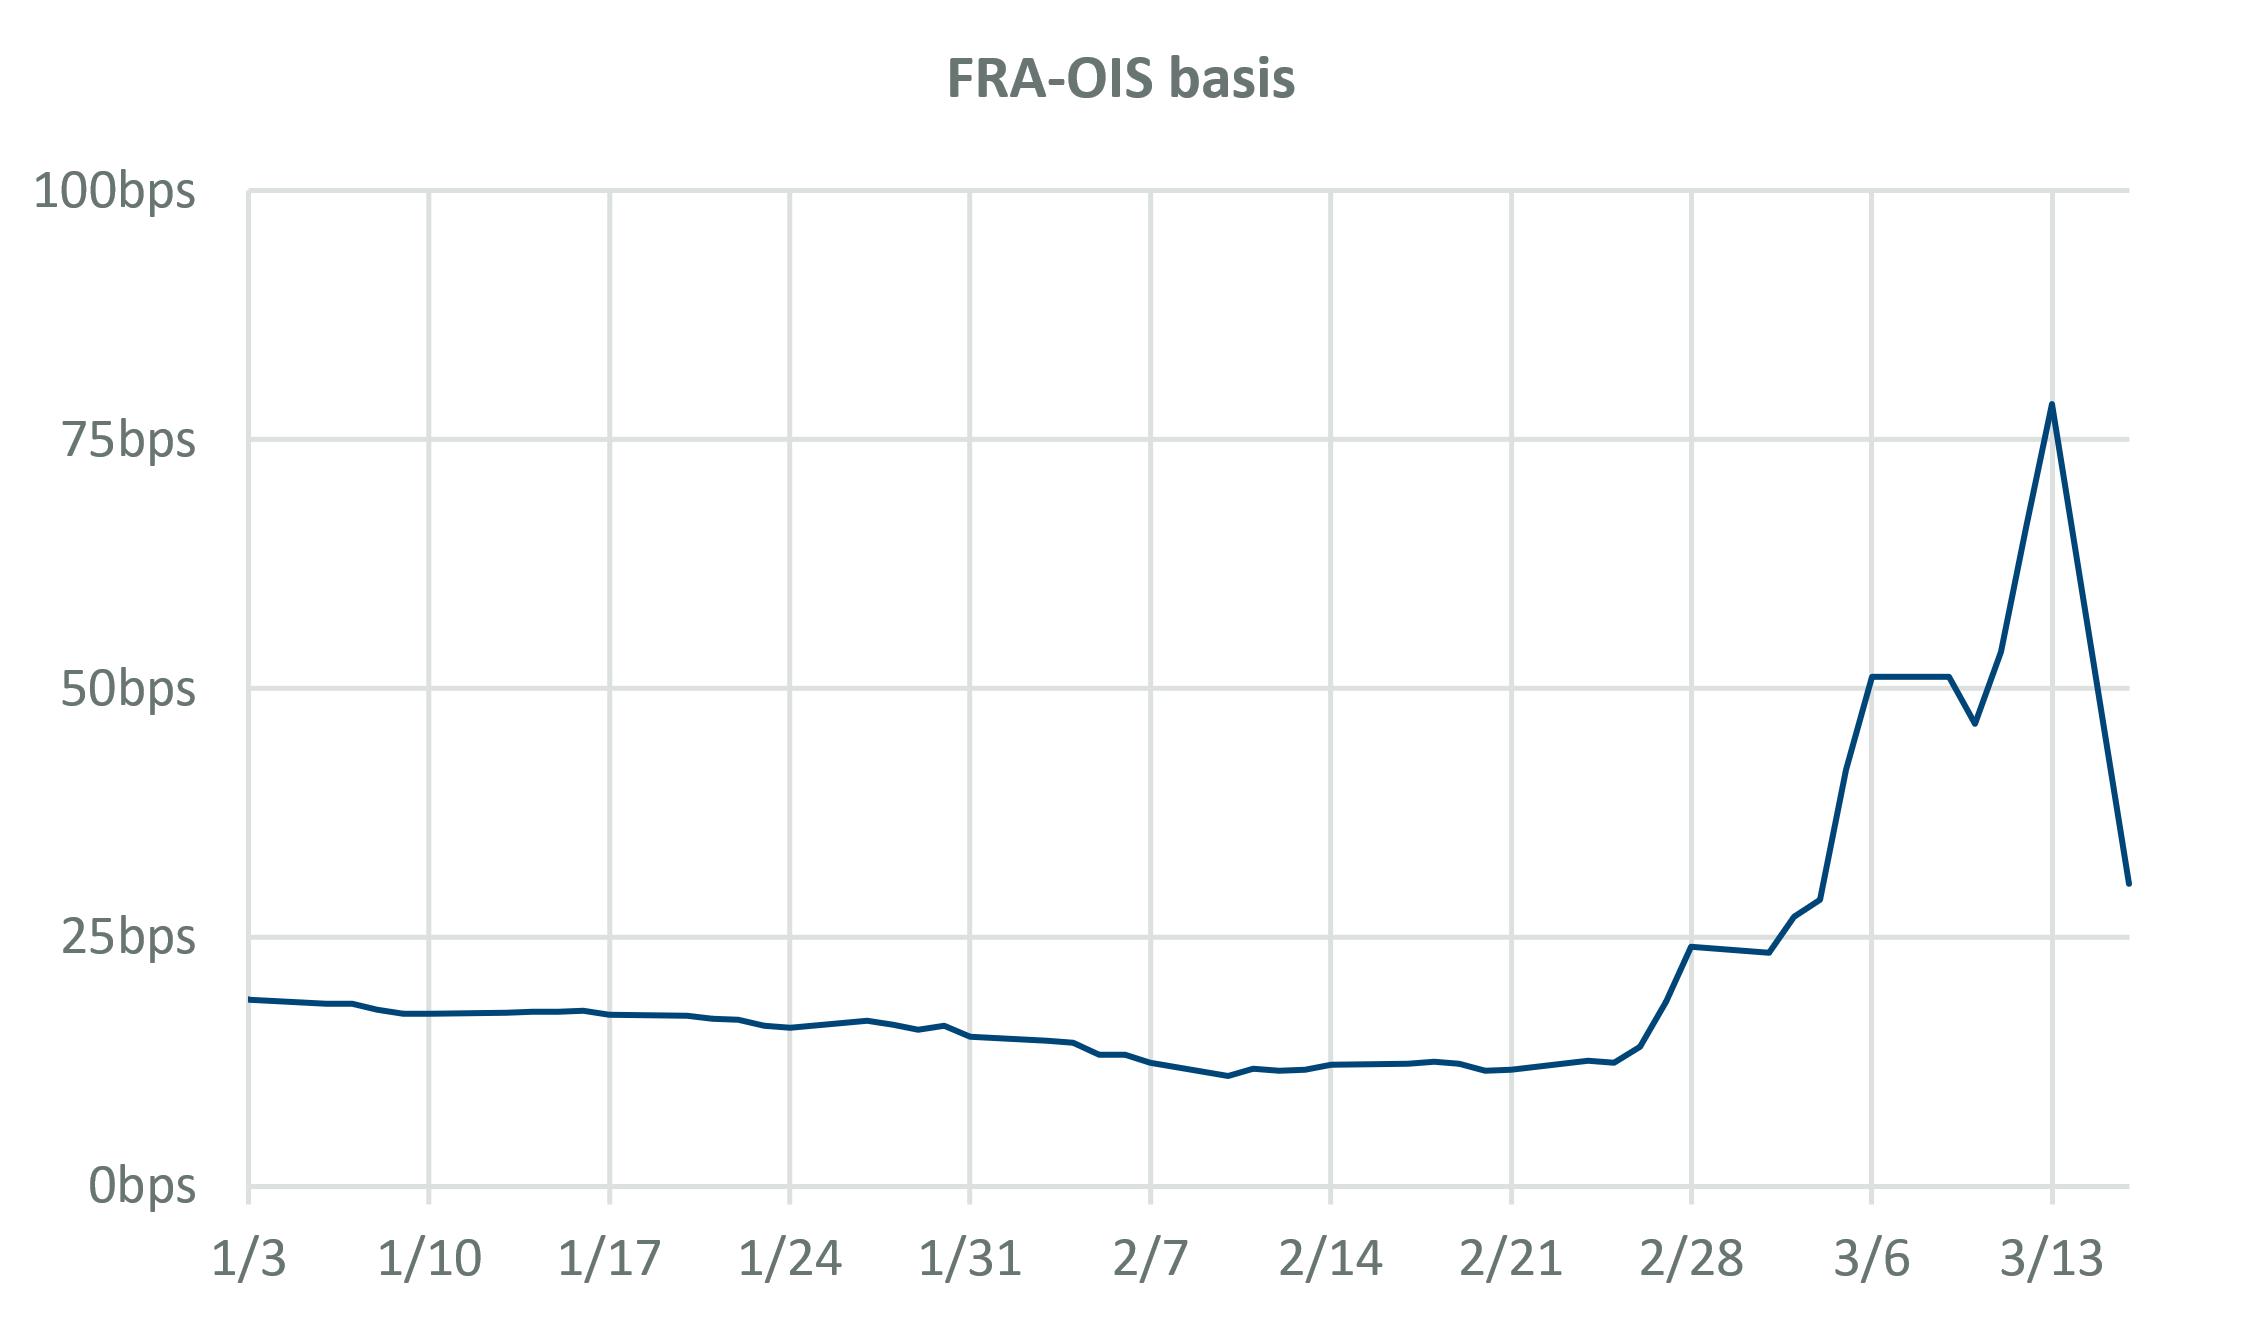 FRA-OIS basis